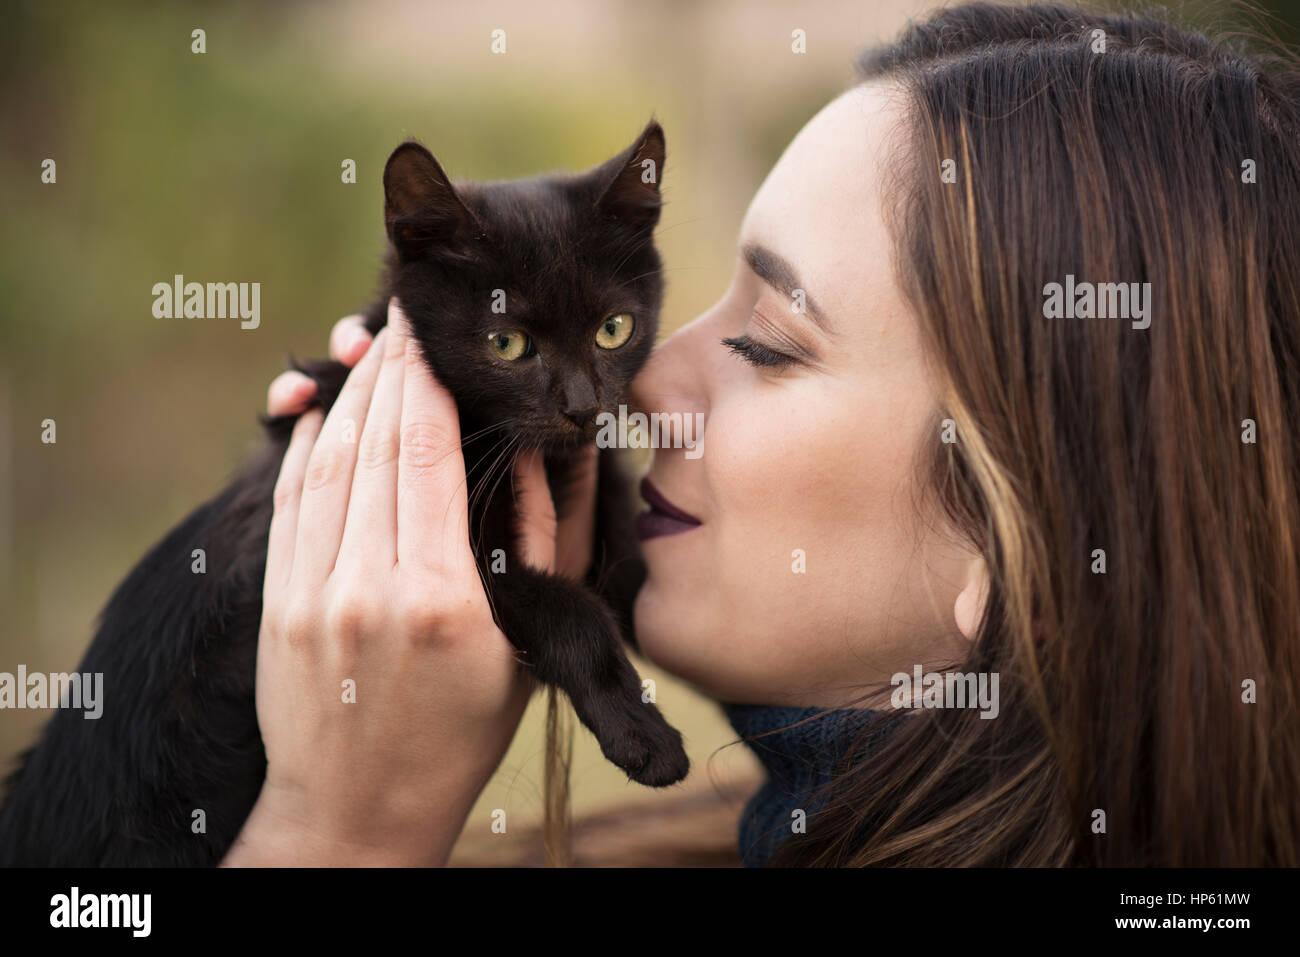 Jeune femme de câlins avec un chat noir Photo Stock